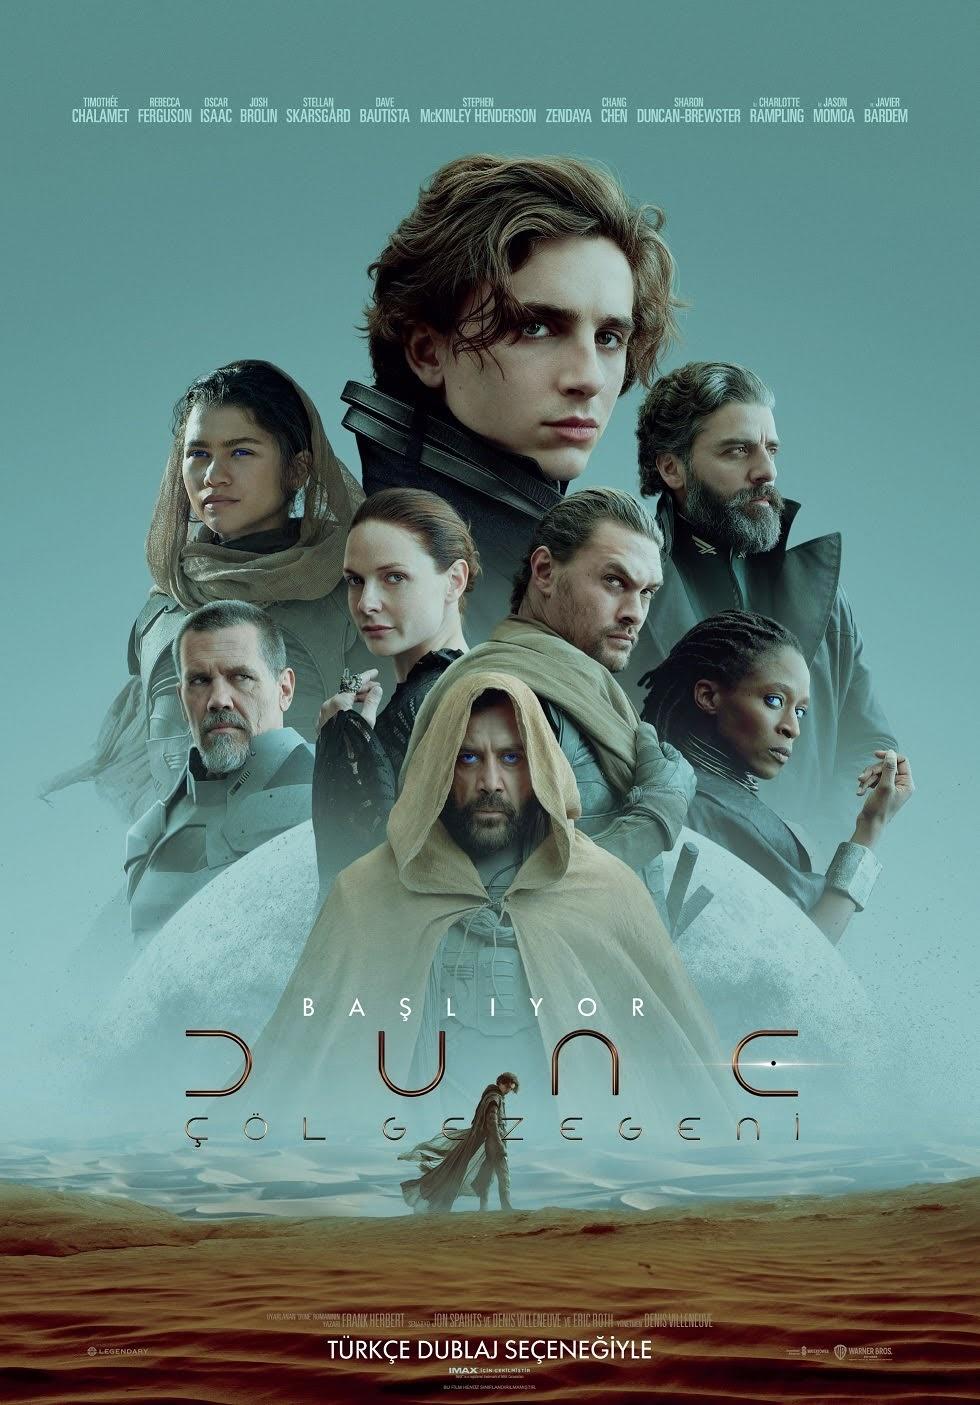 Dune: Çöl Gezegeni - Dune (2021)